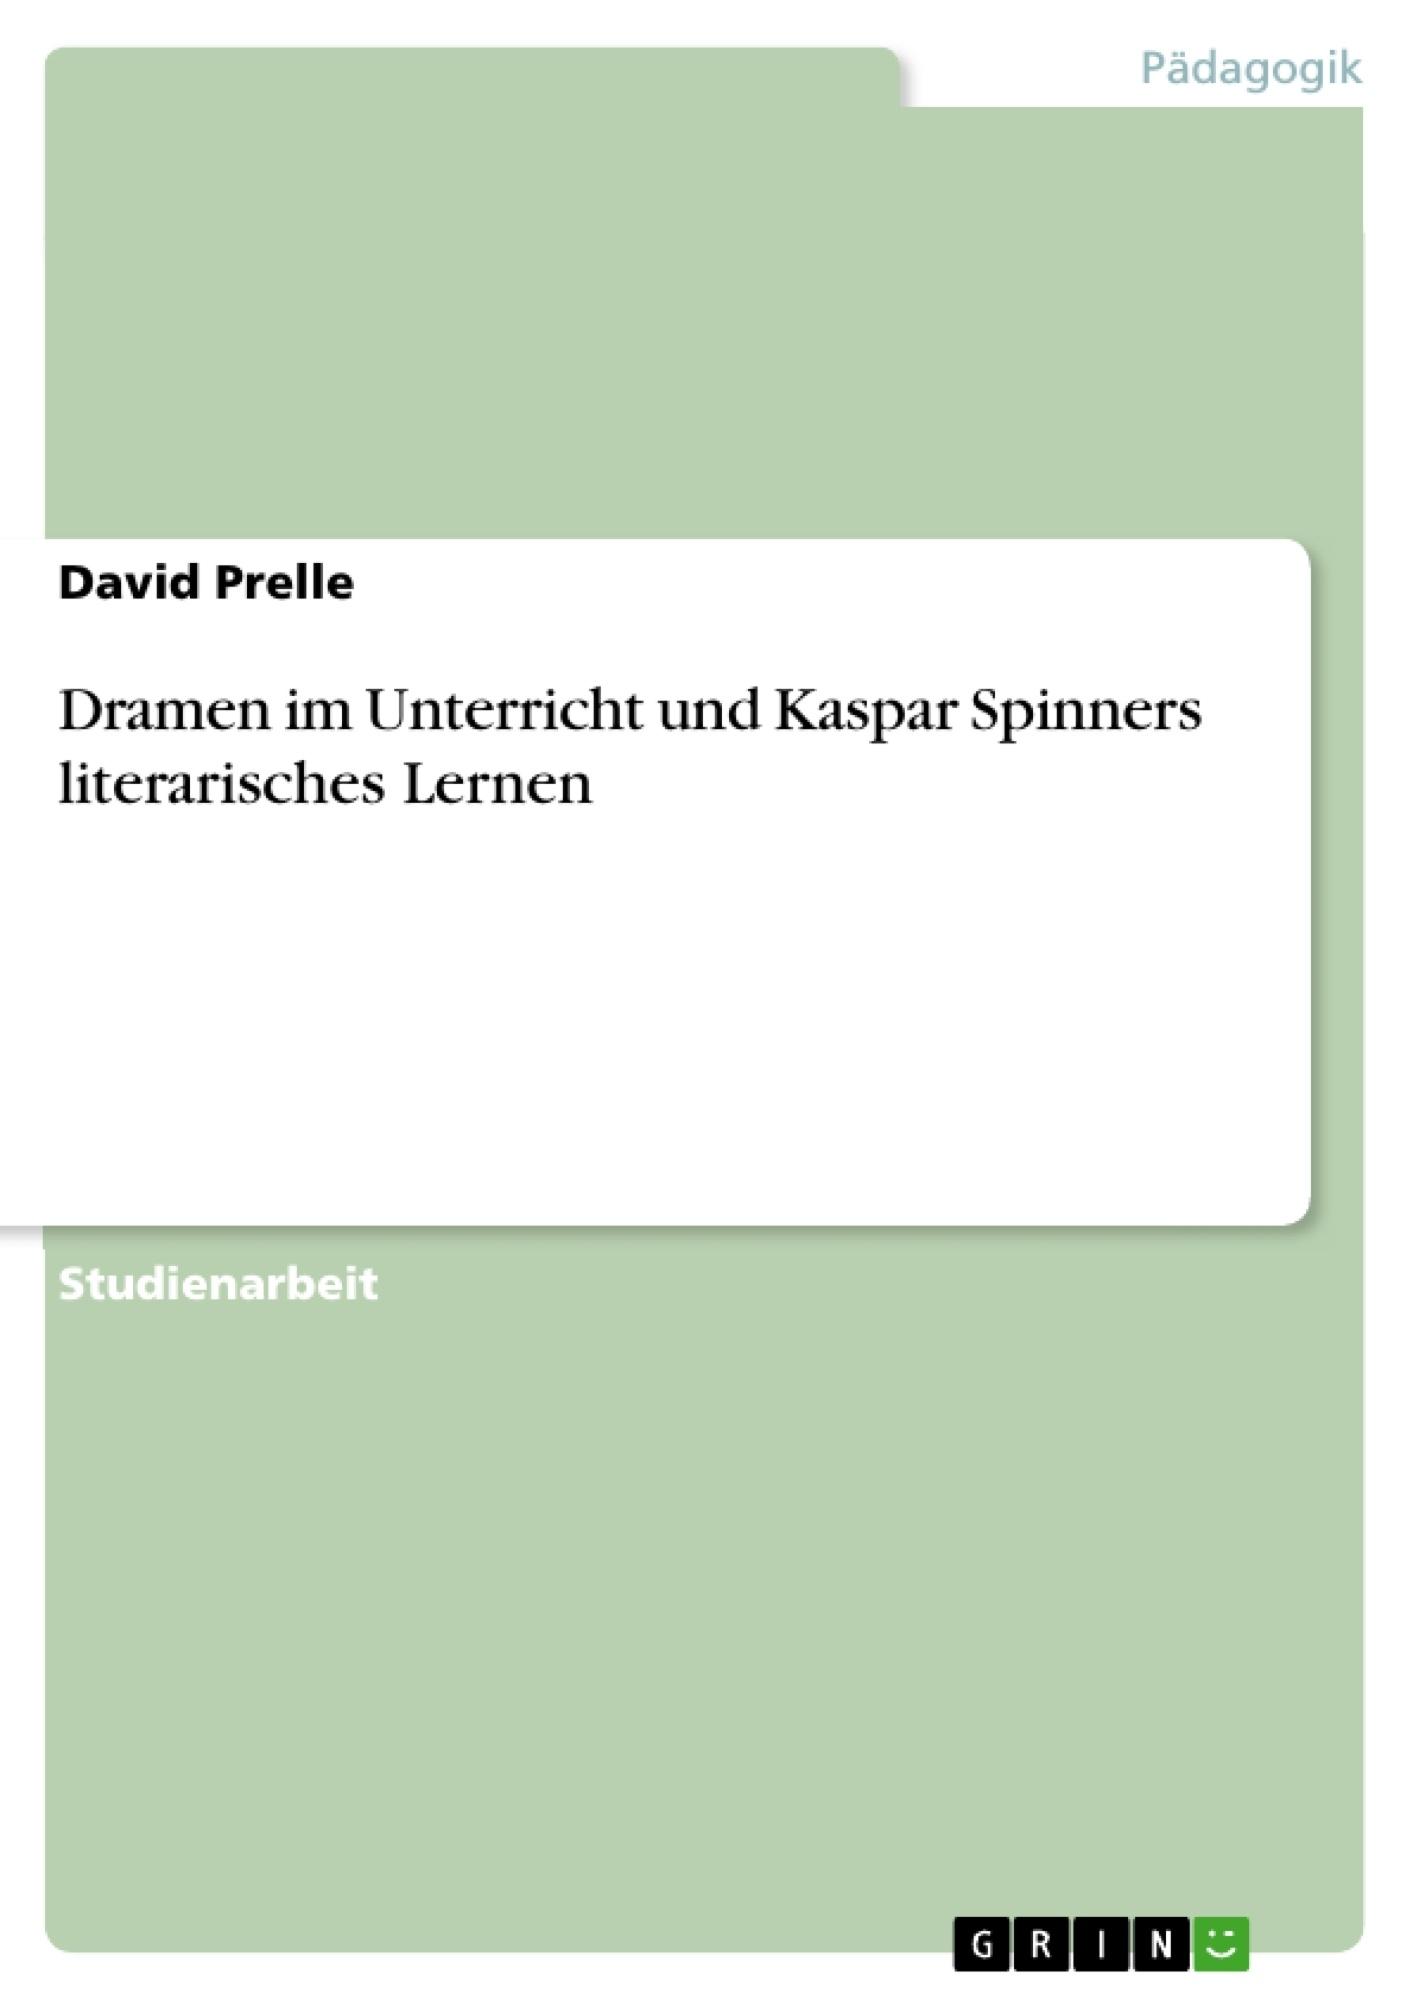 Titel: Dramen im Unterricht und Kaspar Spinners literarisches Lernen